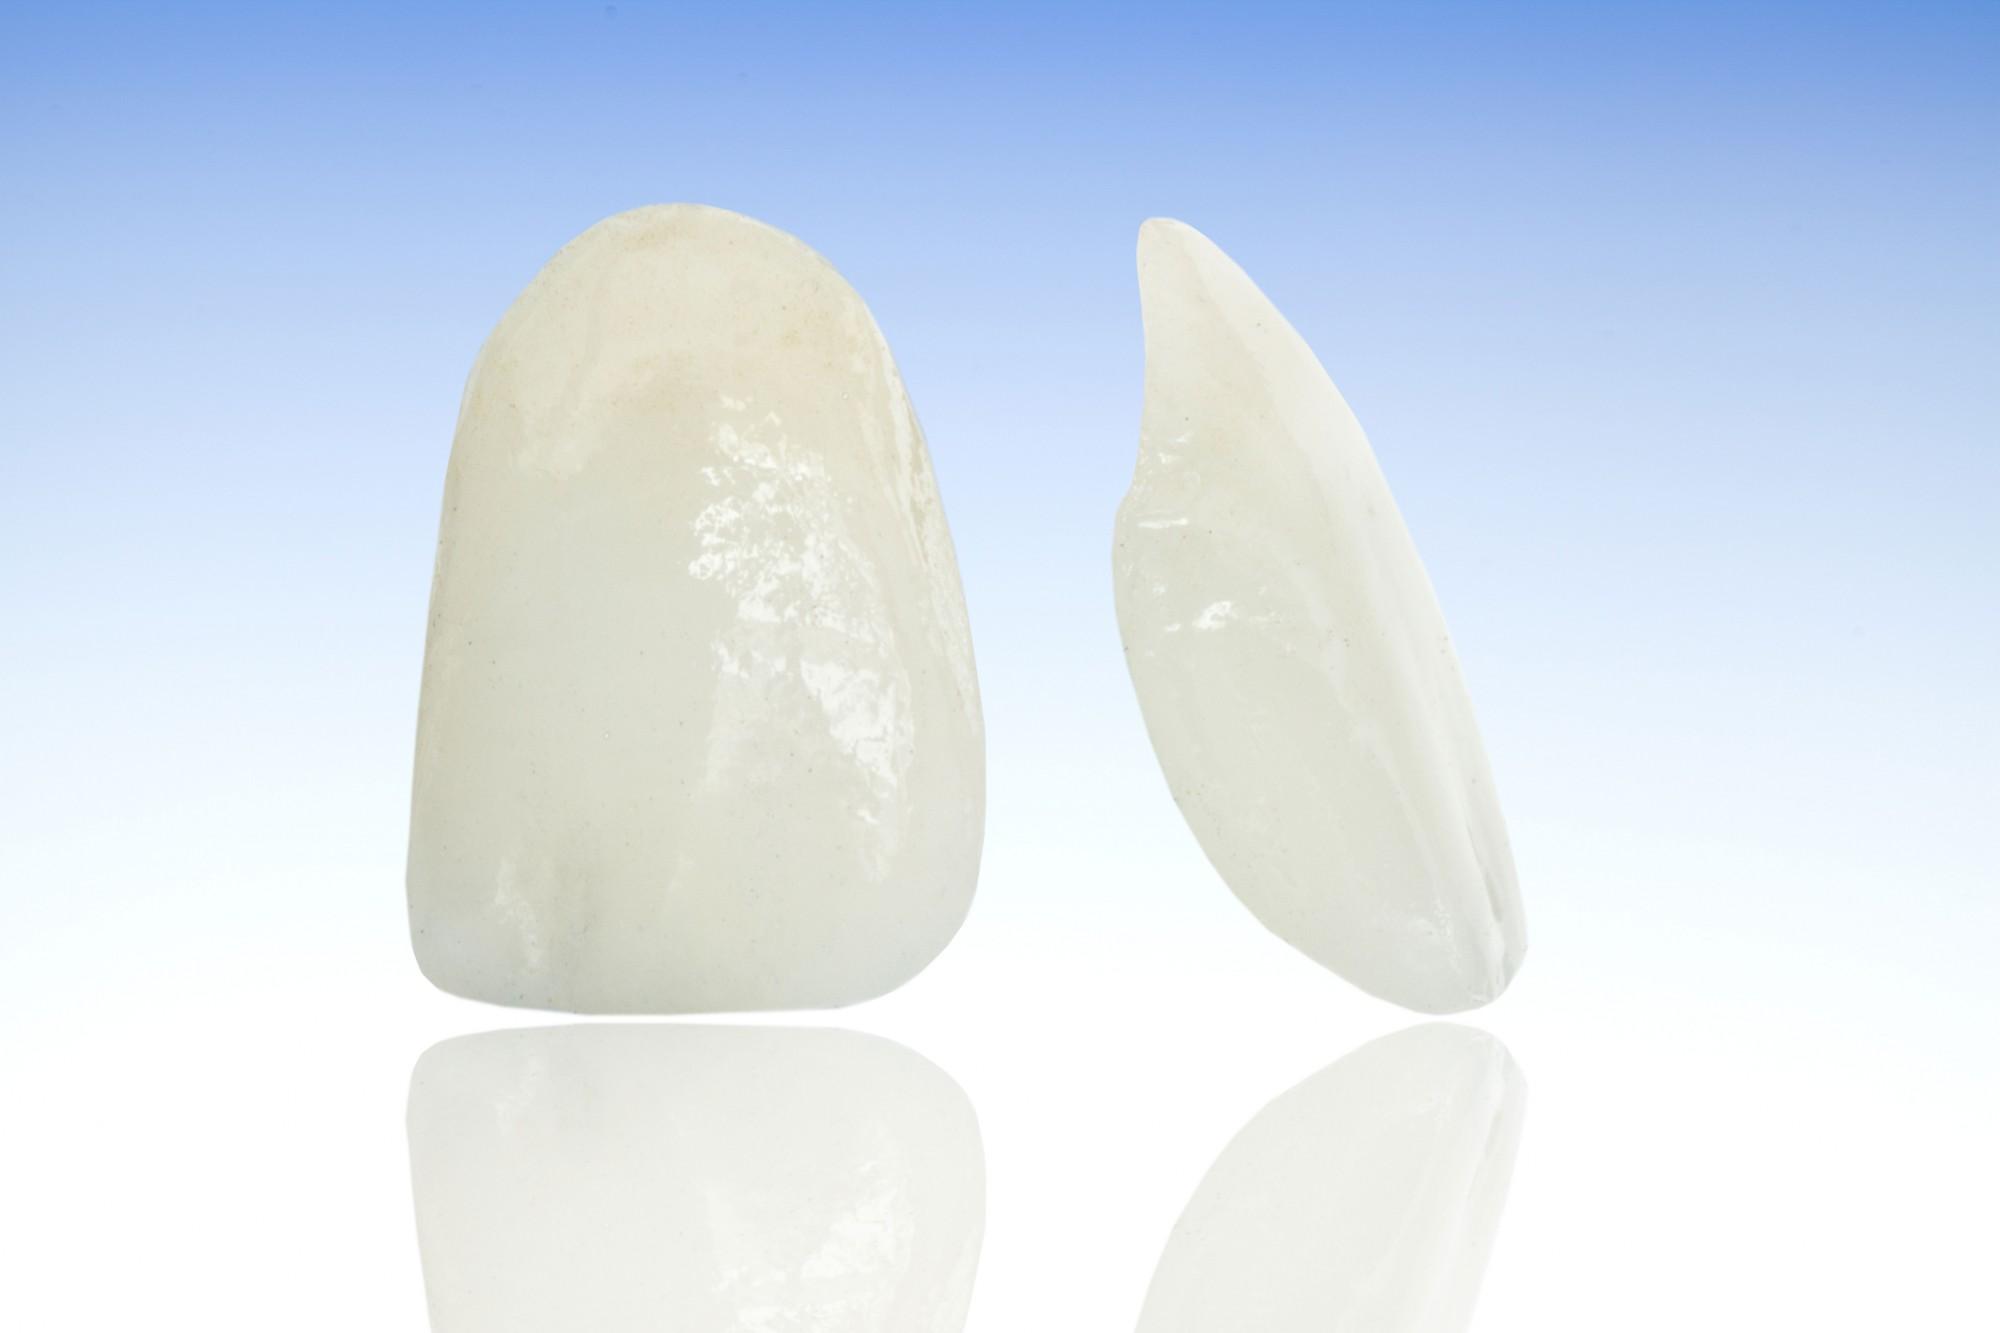 ציפויי שיניים לאסתטיקה מושלמת